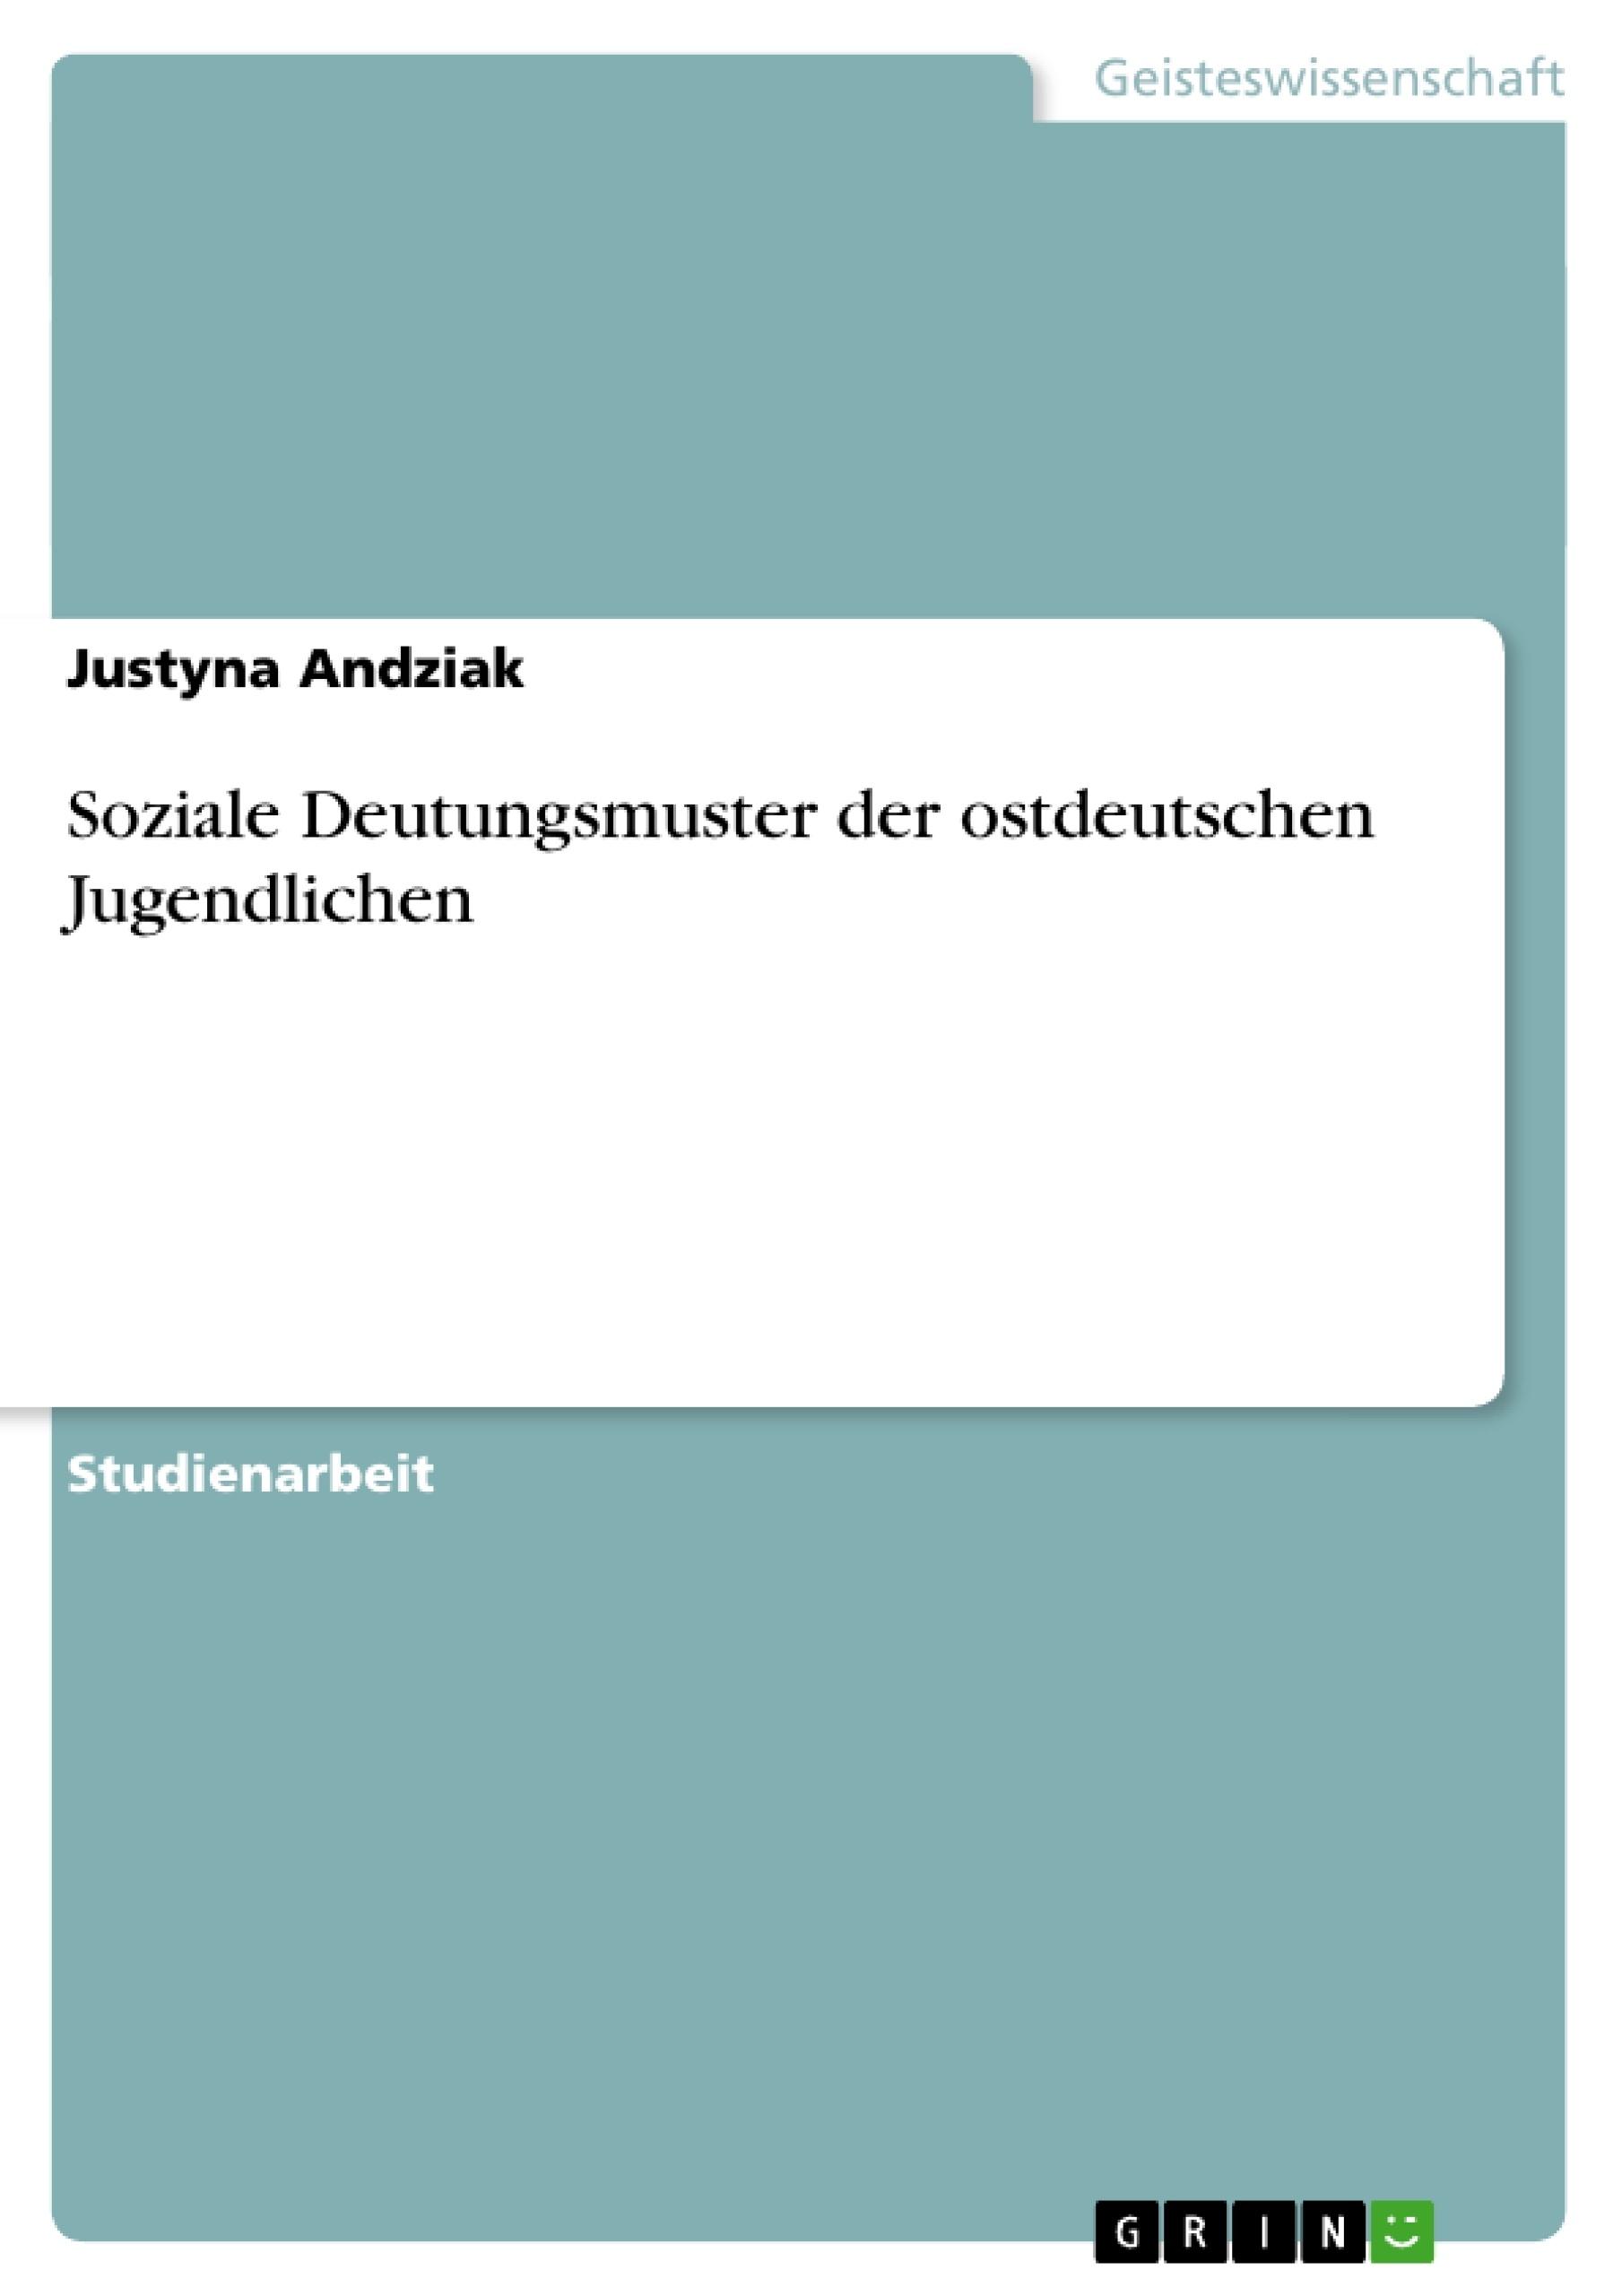 Titel: Soziale Deutungsmuster der ostdeutschen Jugendlichen